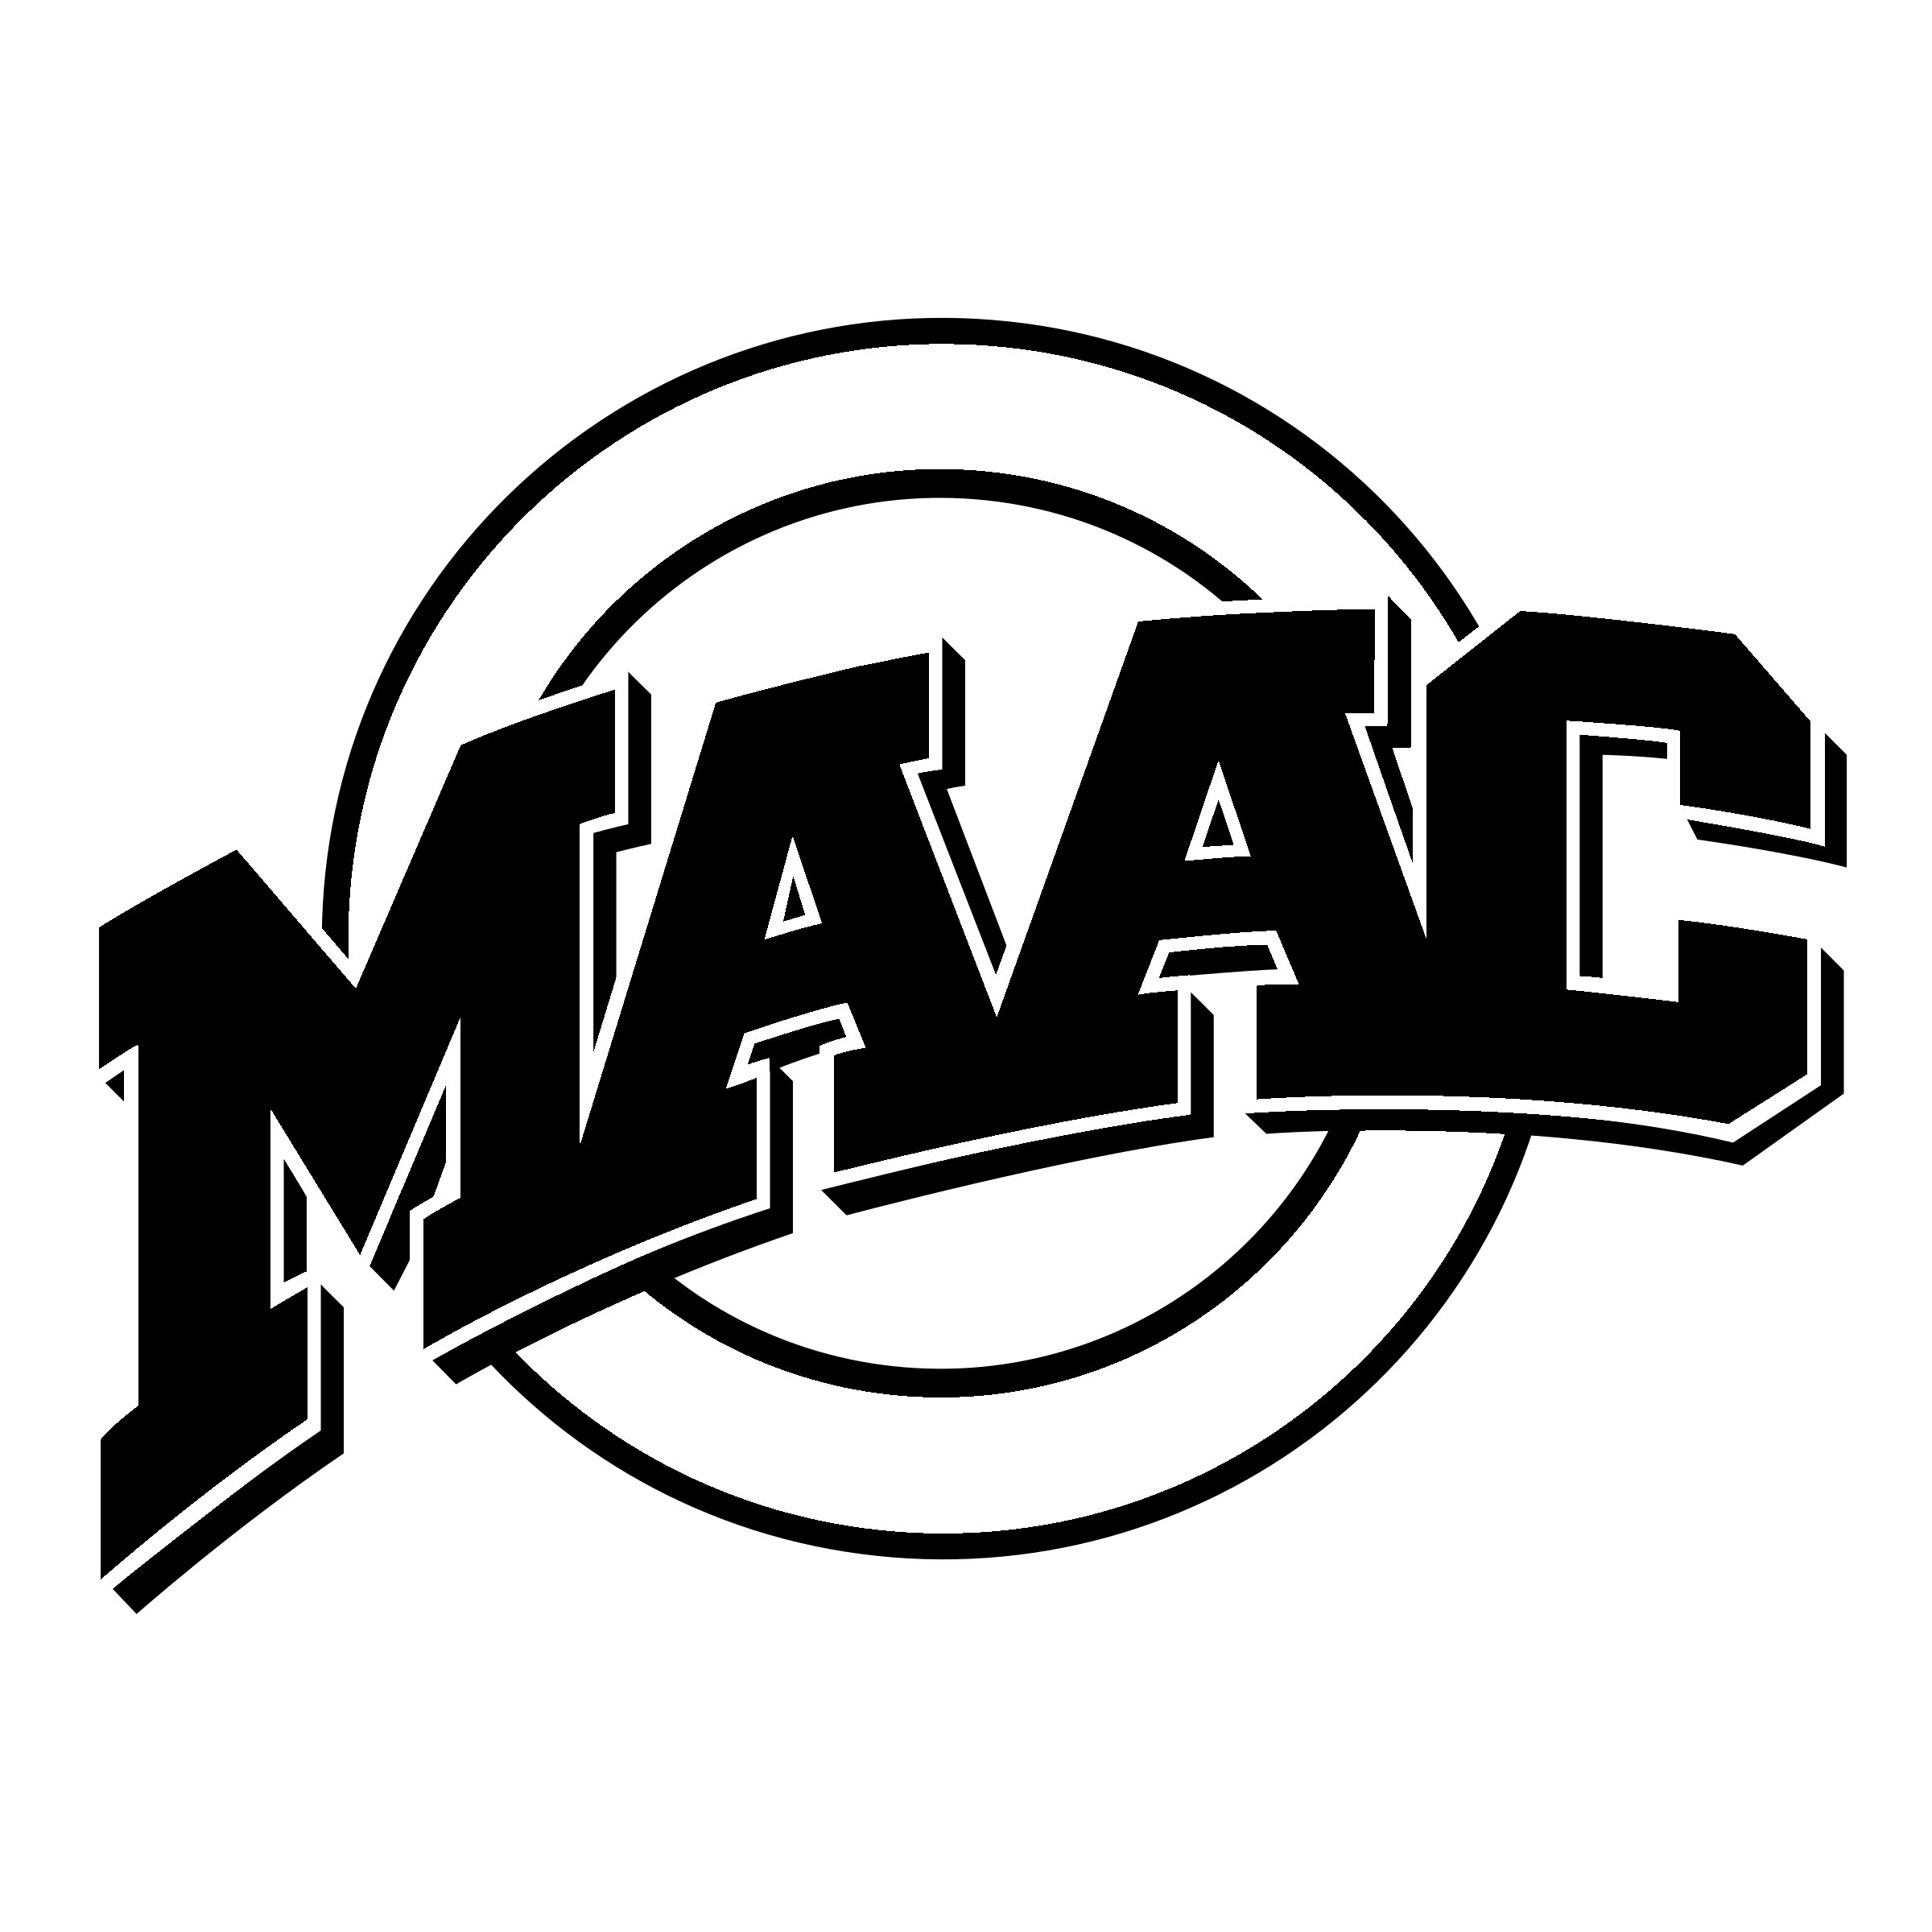 MAAC Logo PNG Transparent & SVG Vector.